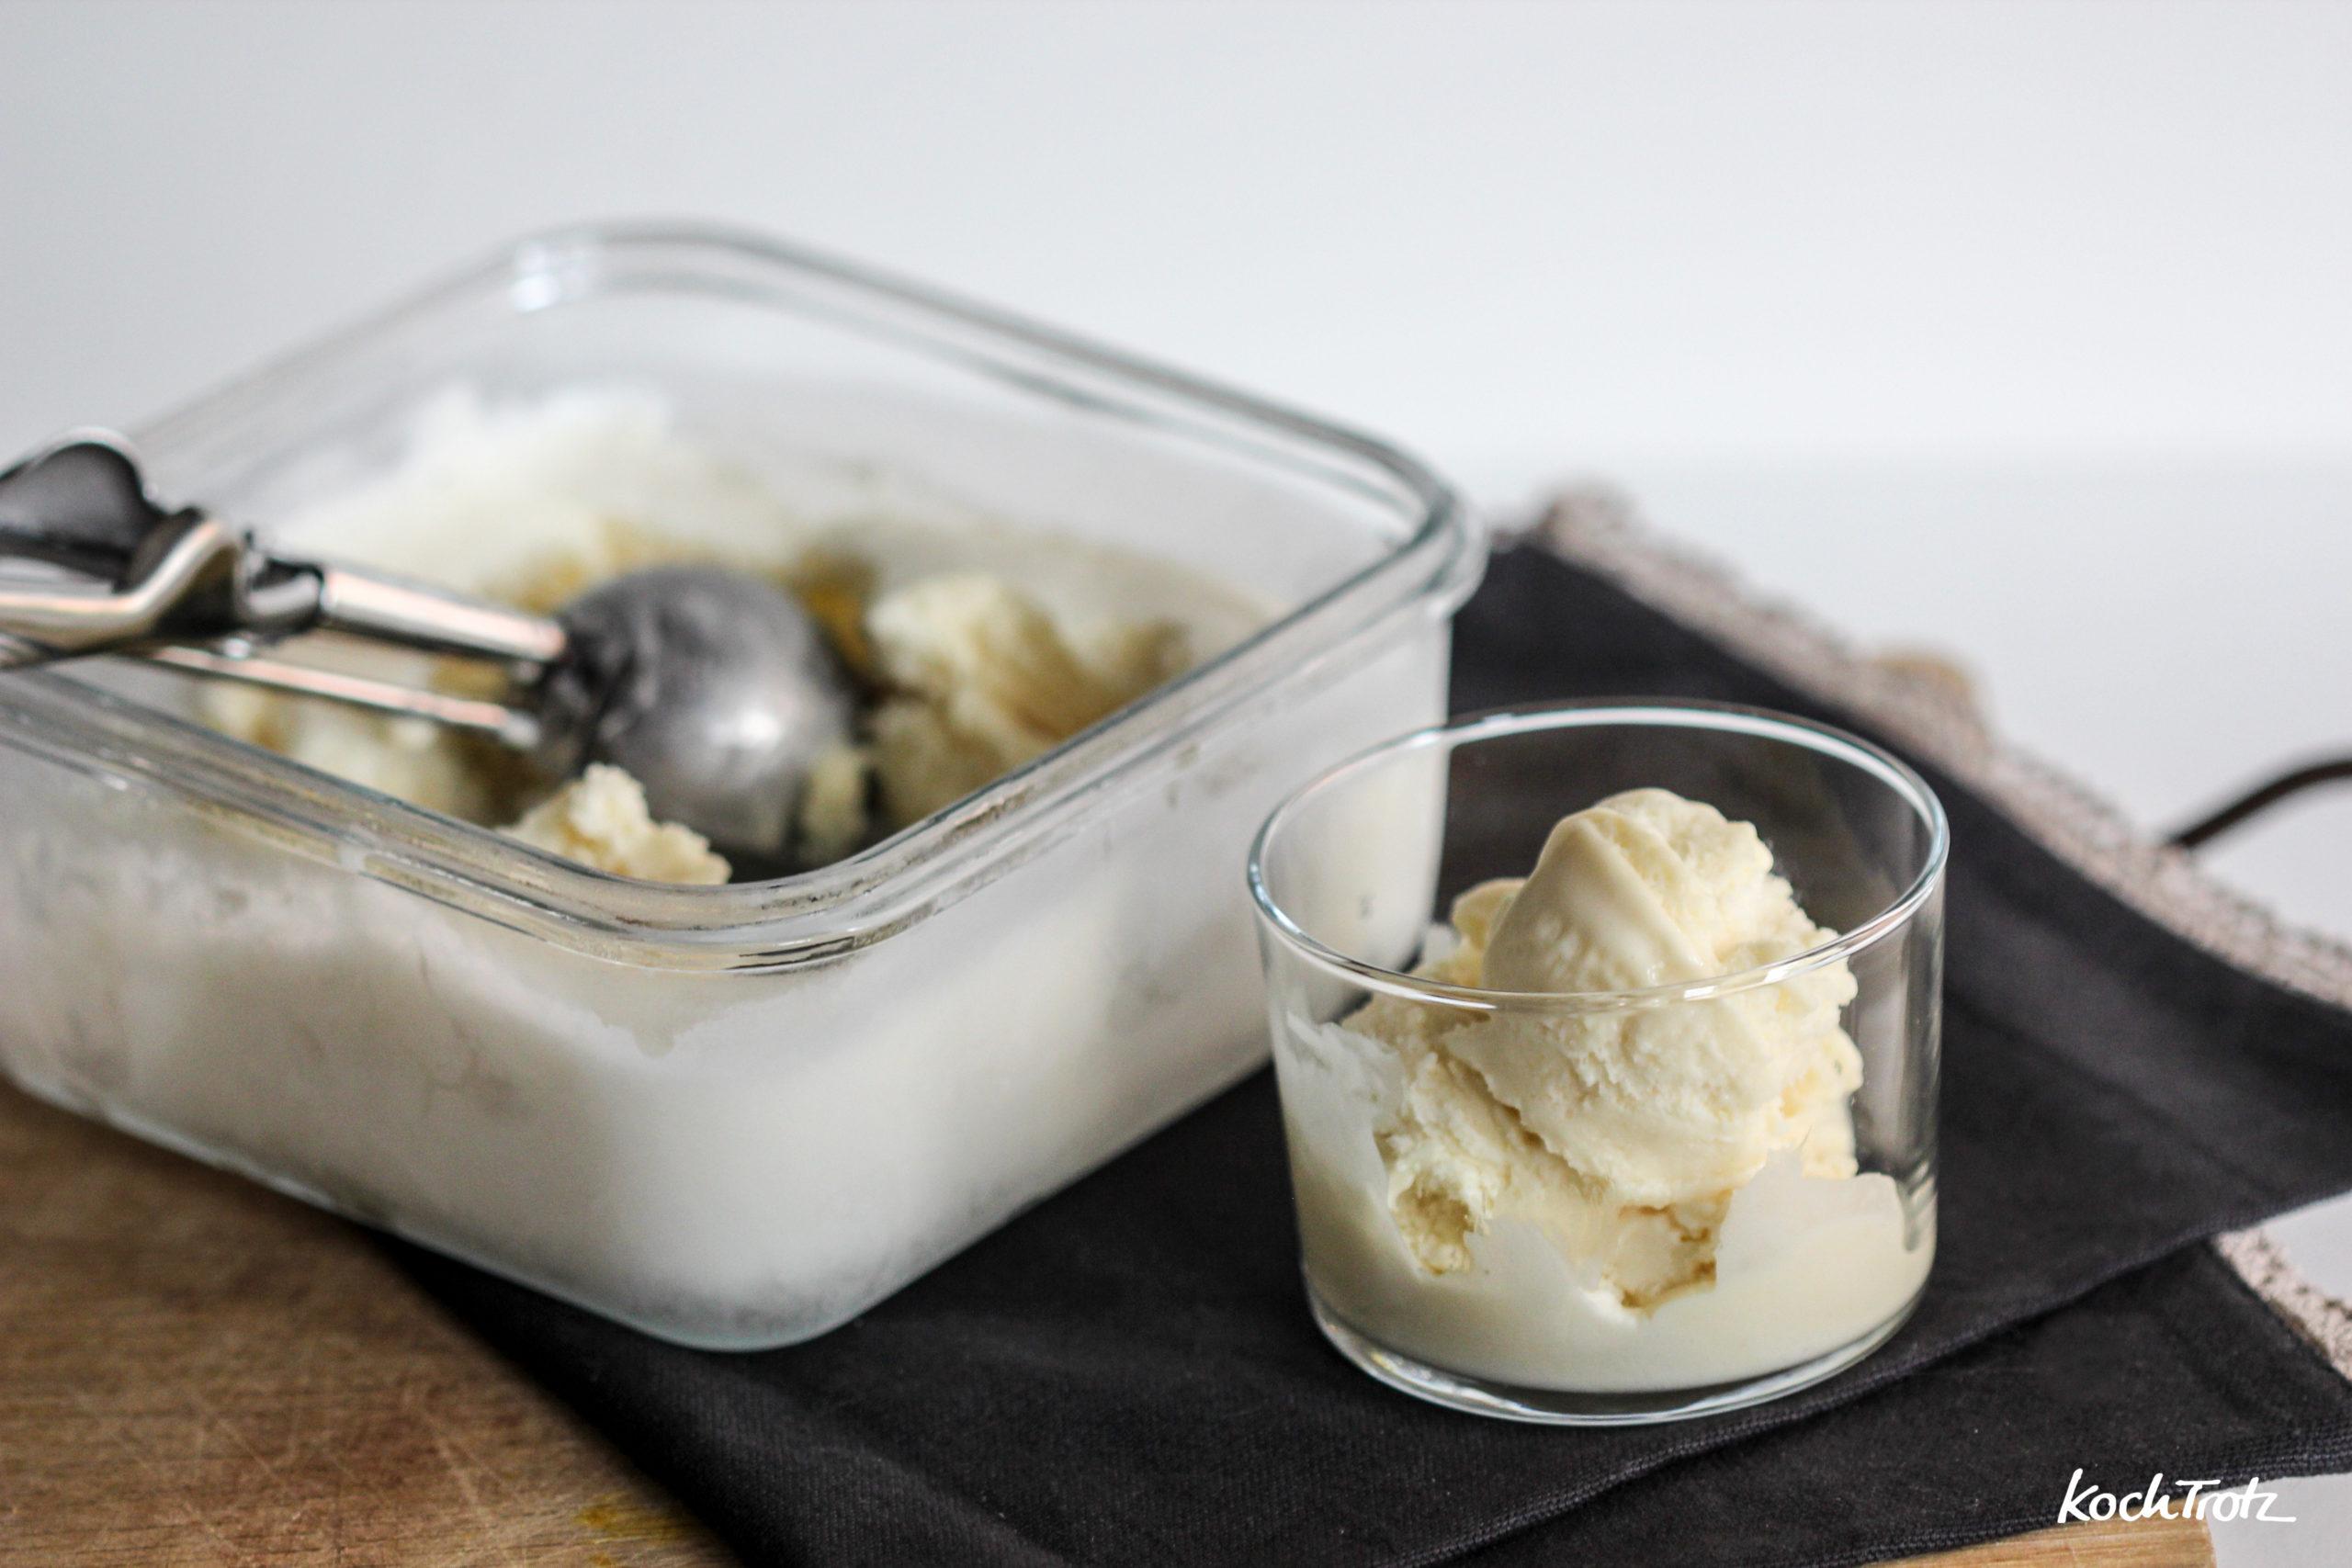 cremiges weisses Schokoladeneis ohne Eismaschine mit Aquafaba   vegan oder vegetarisch